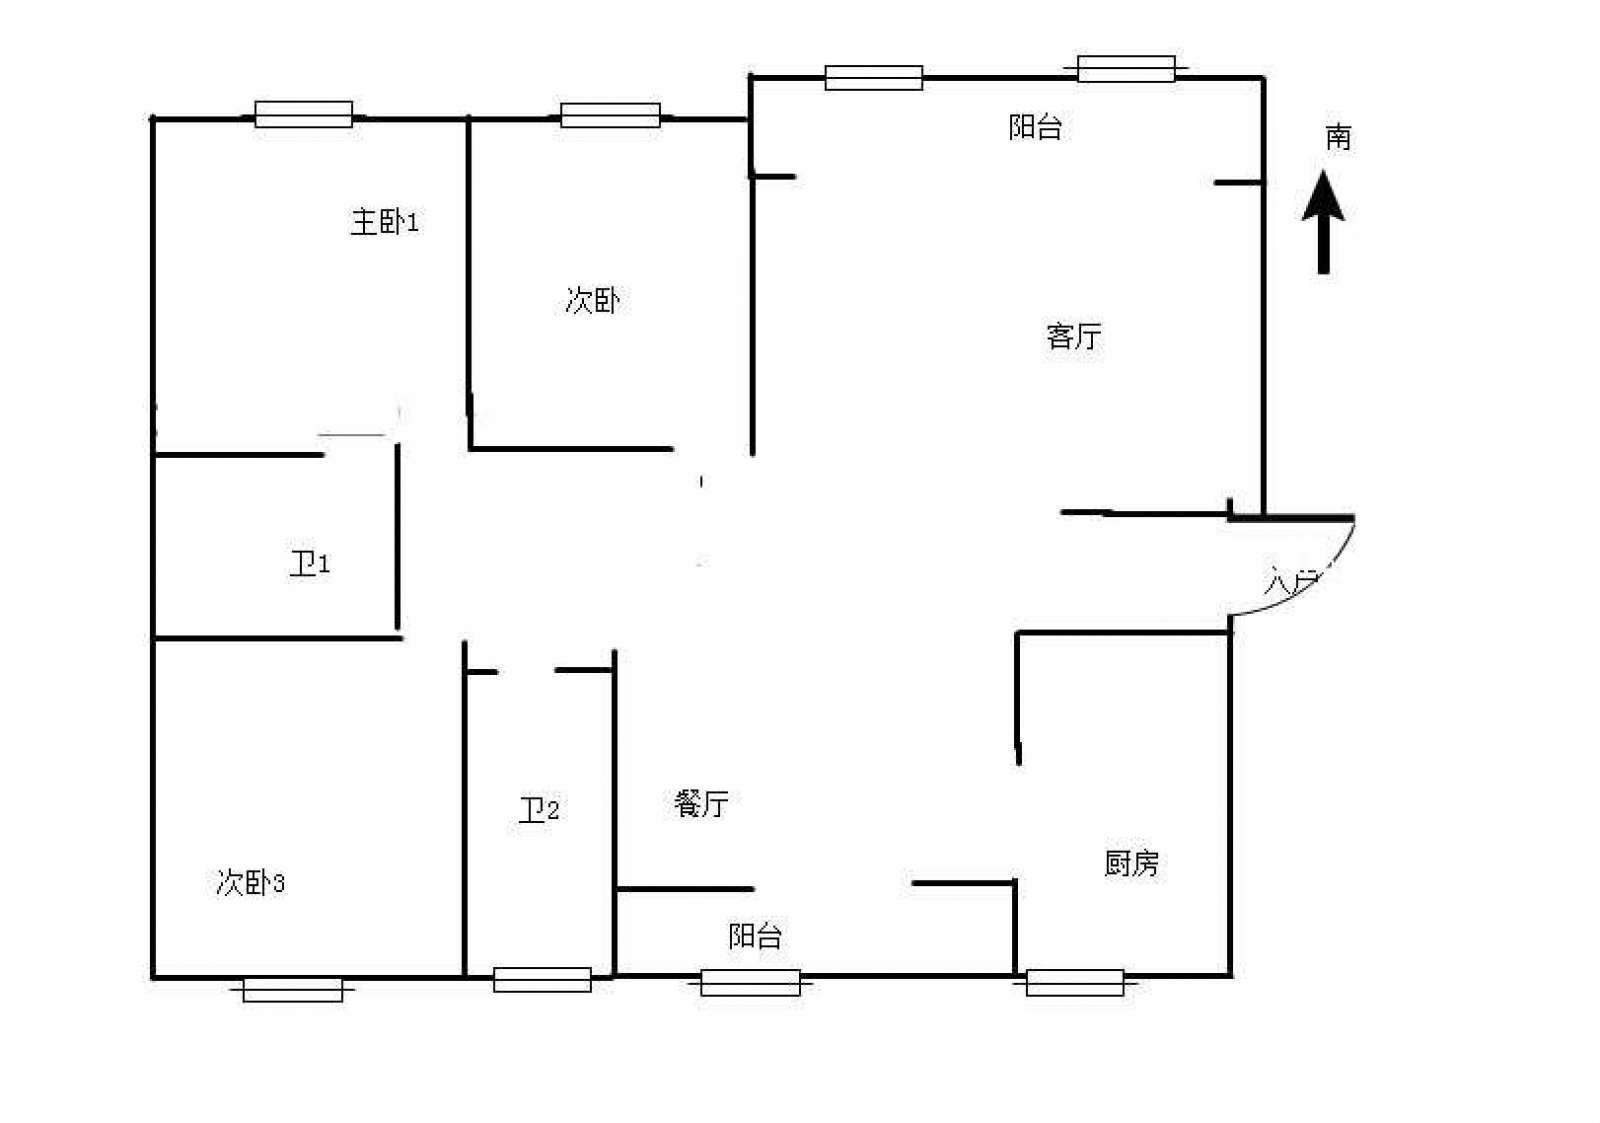 浔海领域 3室2厅128.6㎡